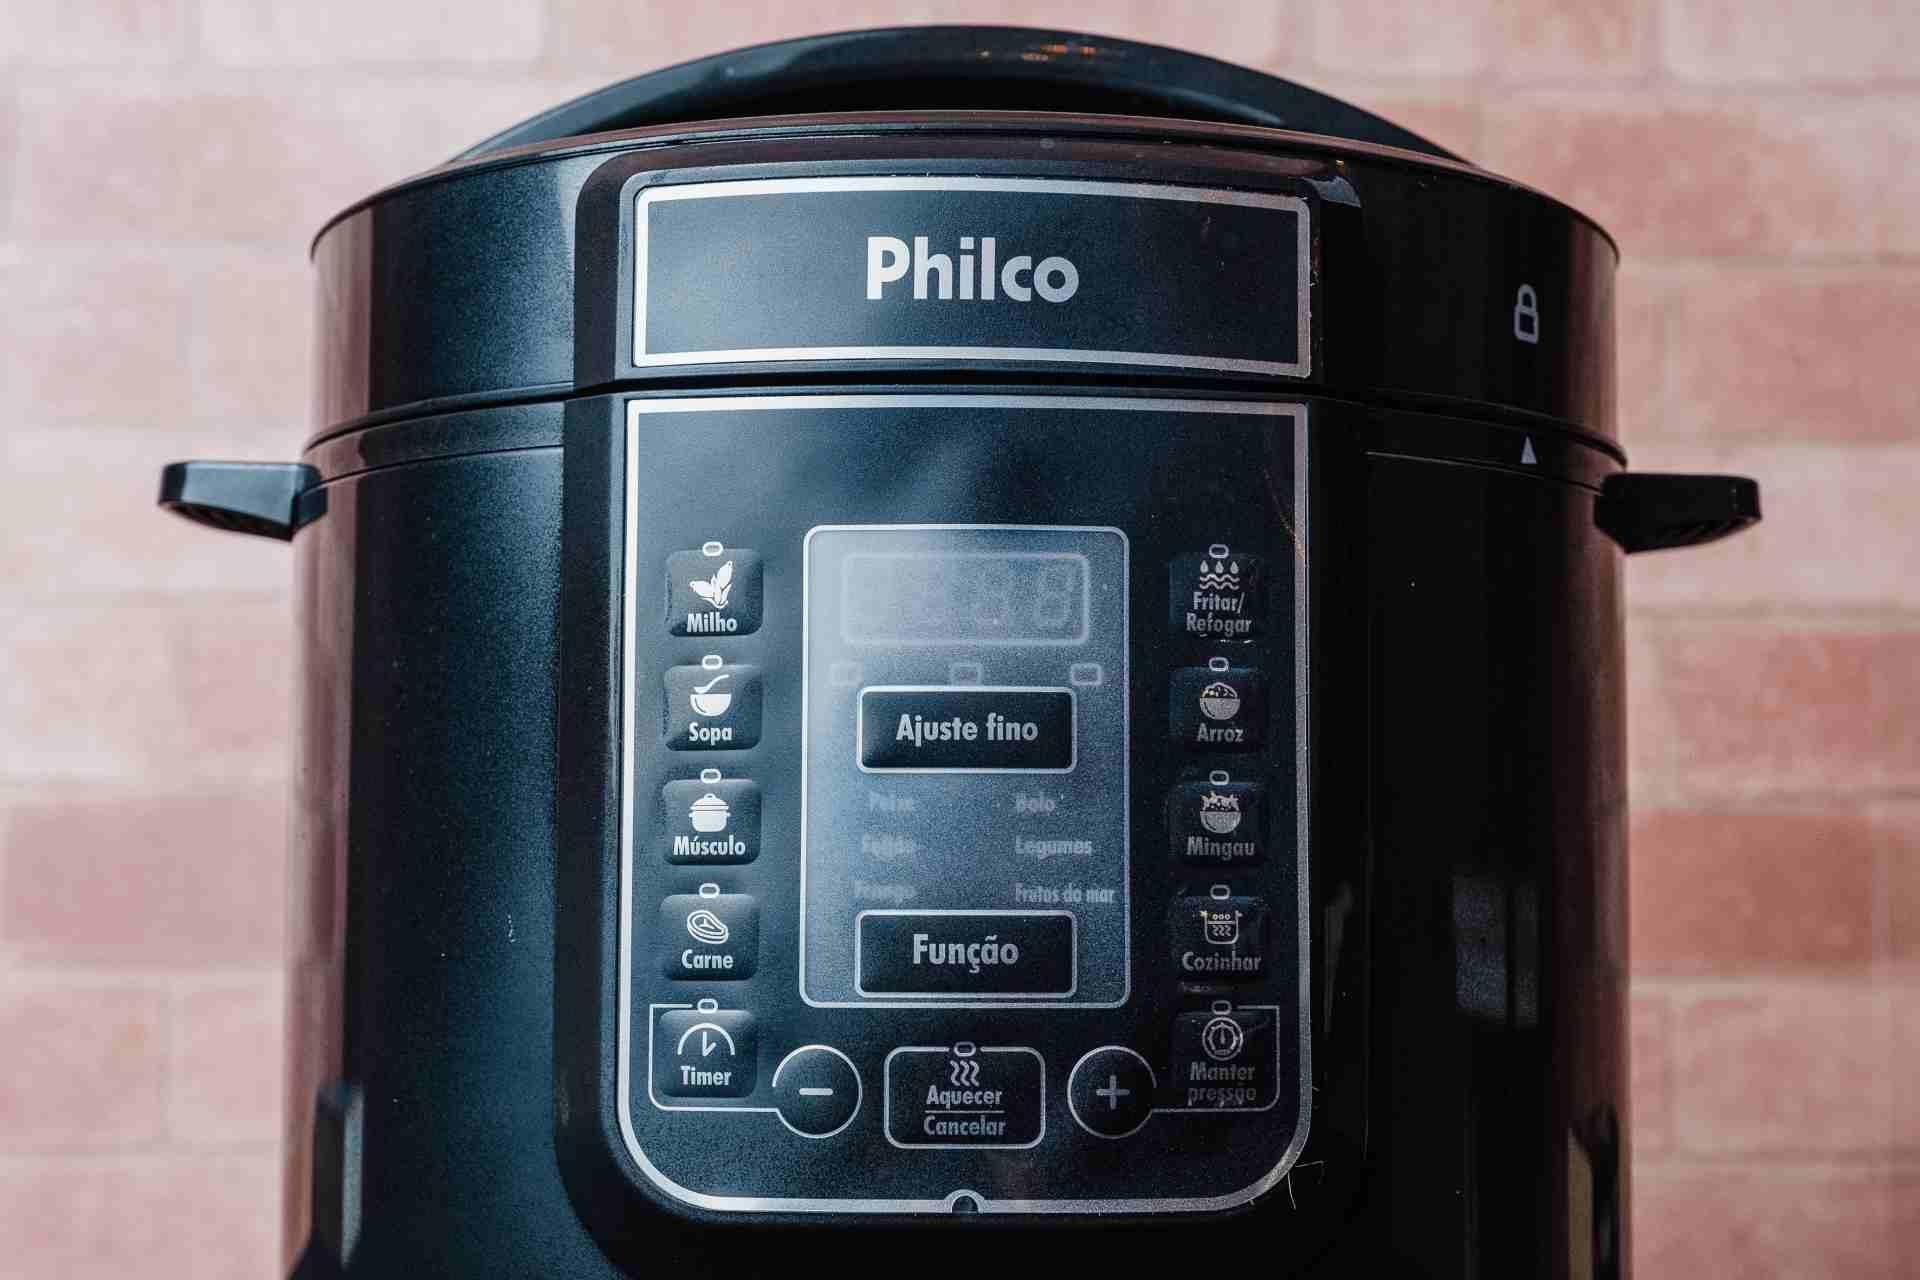 Visão frontal da panela de pressão elétrica Philco na frente de uma parede de tijolinhos